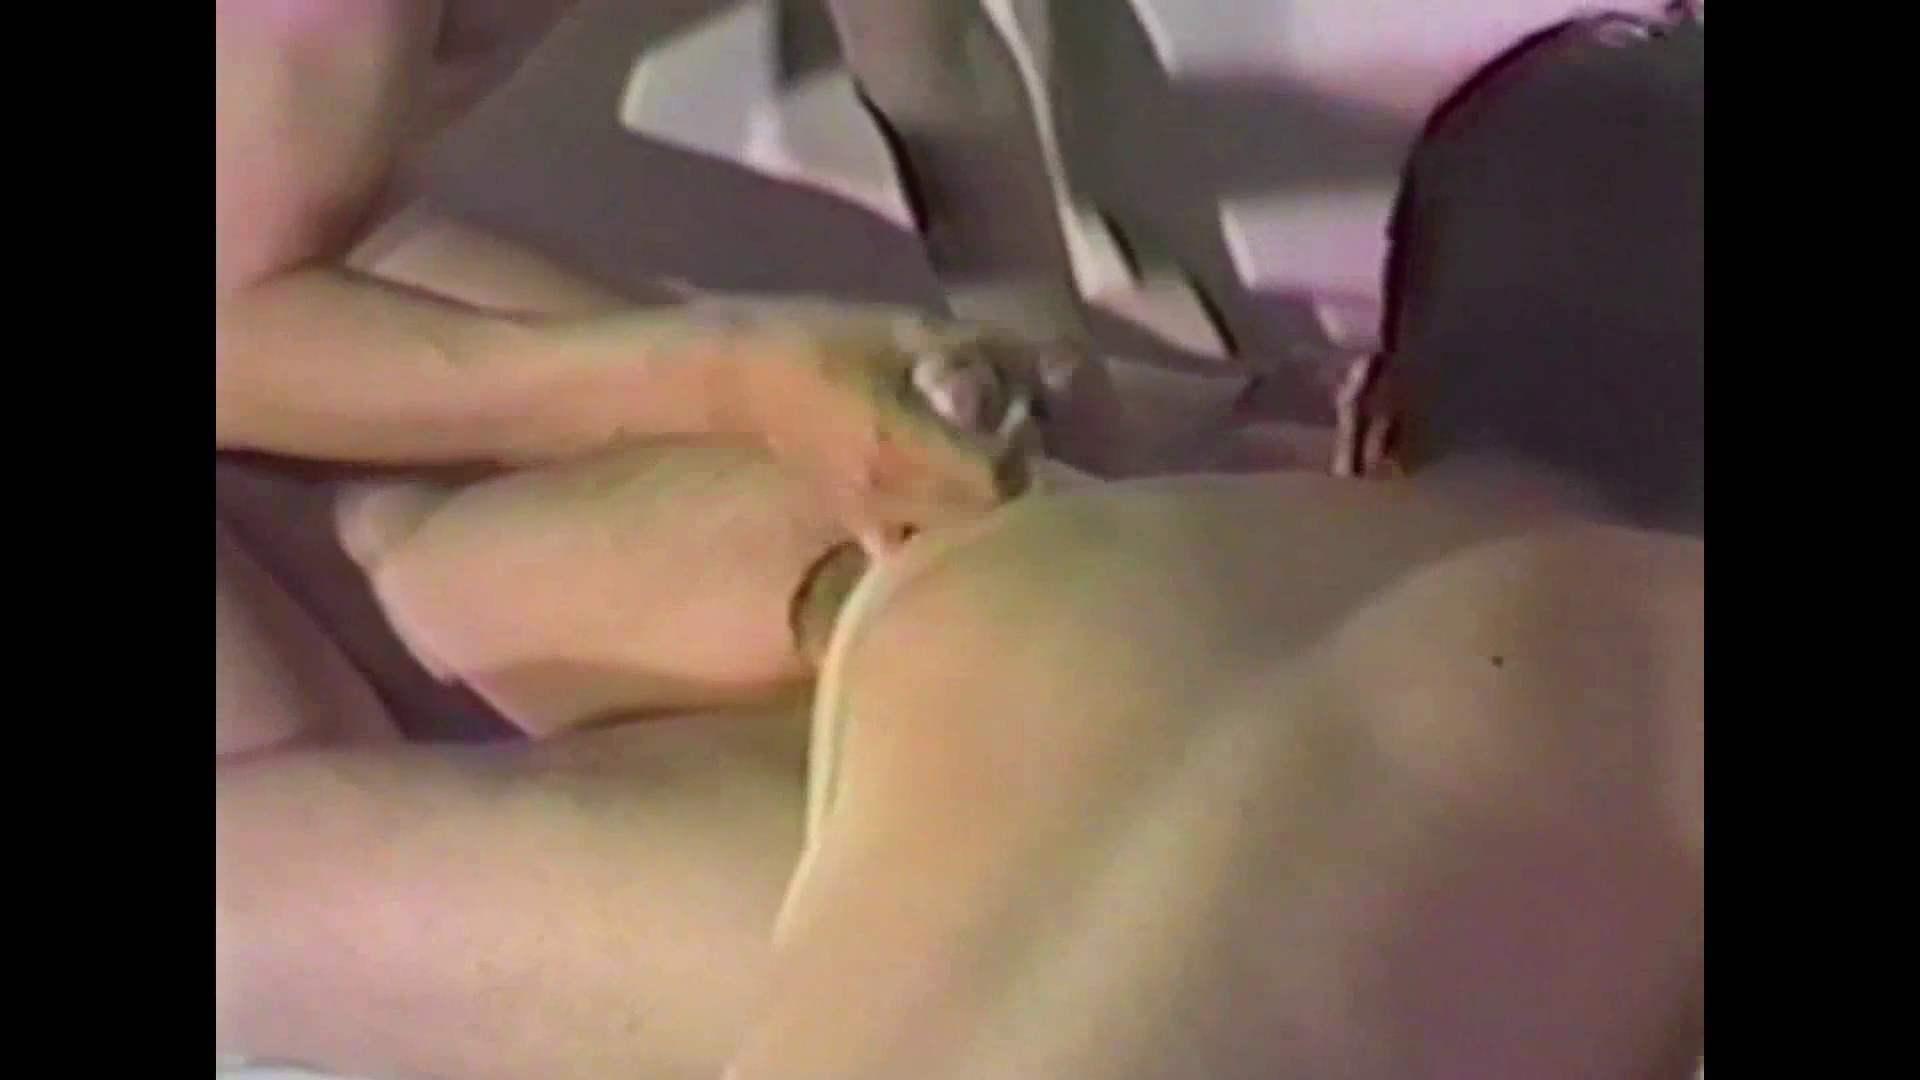 往年の名作 あの頃は若かった!第3弾 Vol.04 無修正 ゲイアダルトビデオ画像 97pic 12